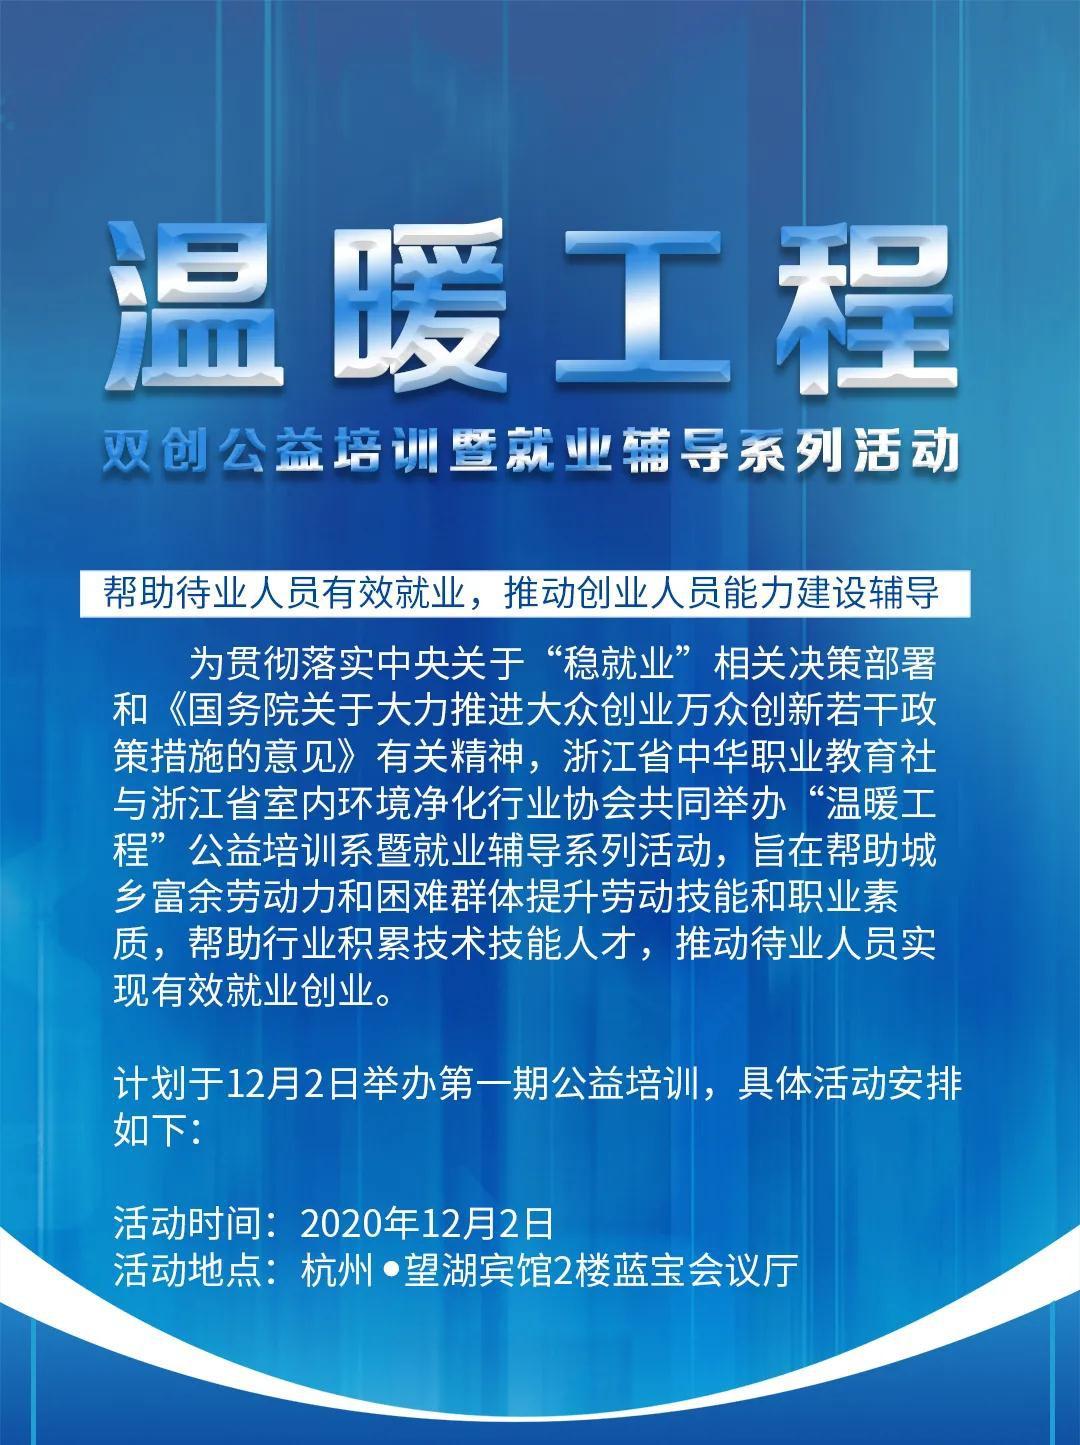 浙江省室内环境净化行业协会